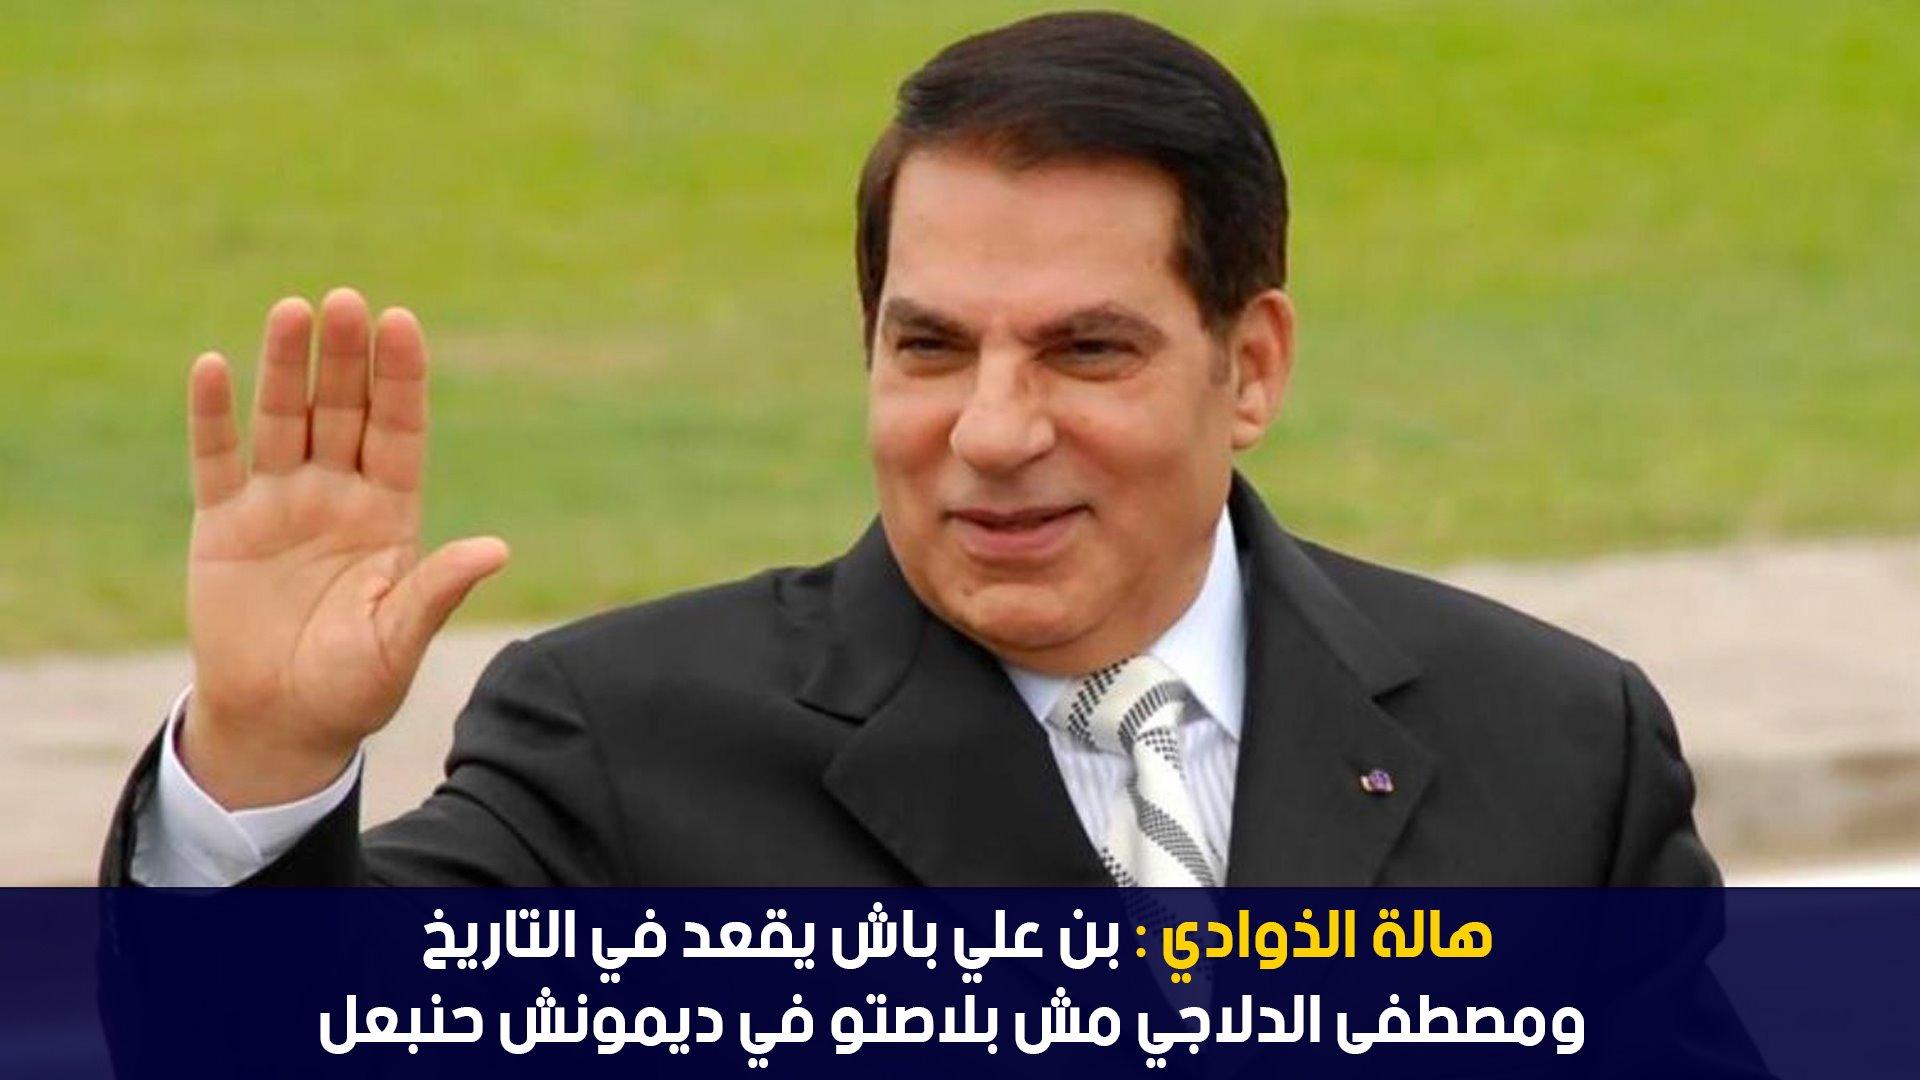 هالة الذوادي :بن علي باش يقعد في التاريخ ومصطفى الدلاجي مش بلاصتو في ديمونش حنبعل